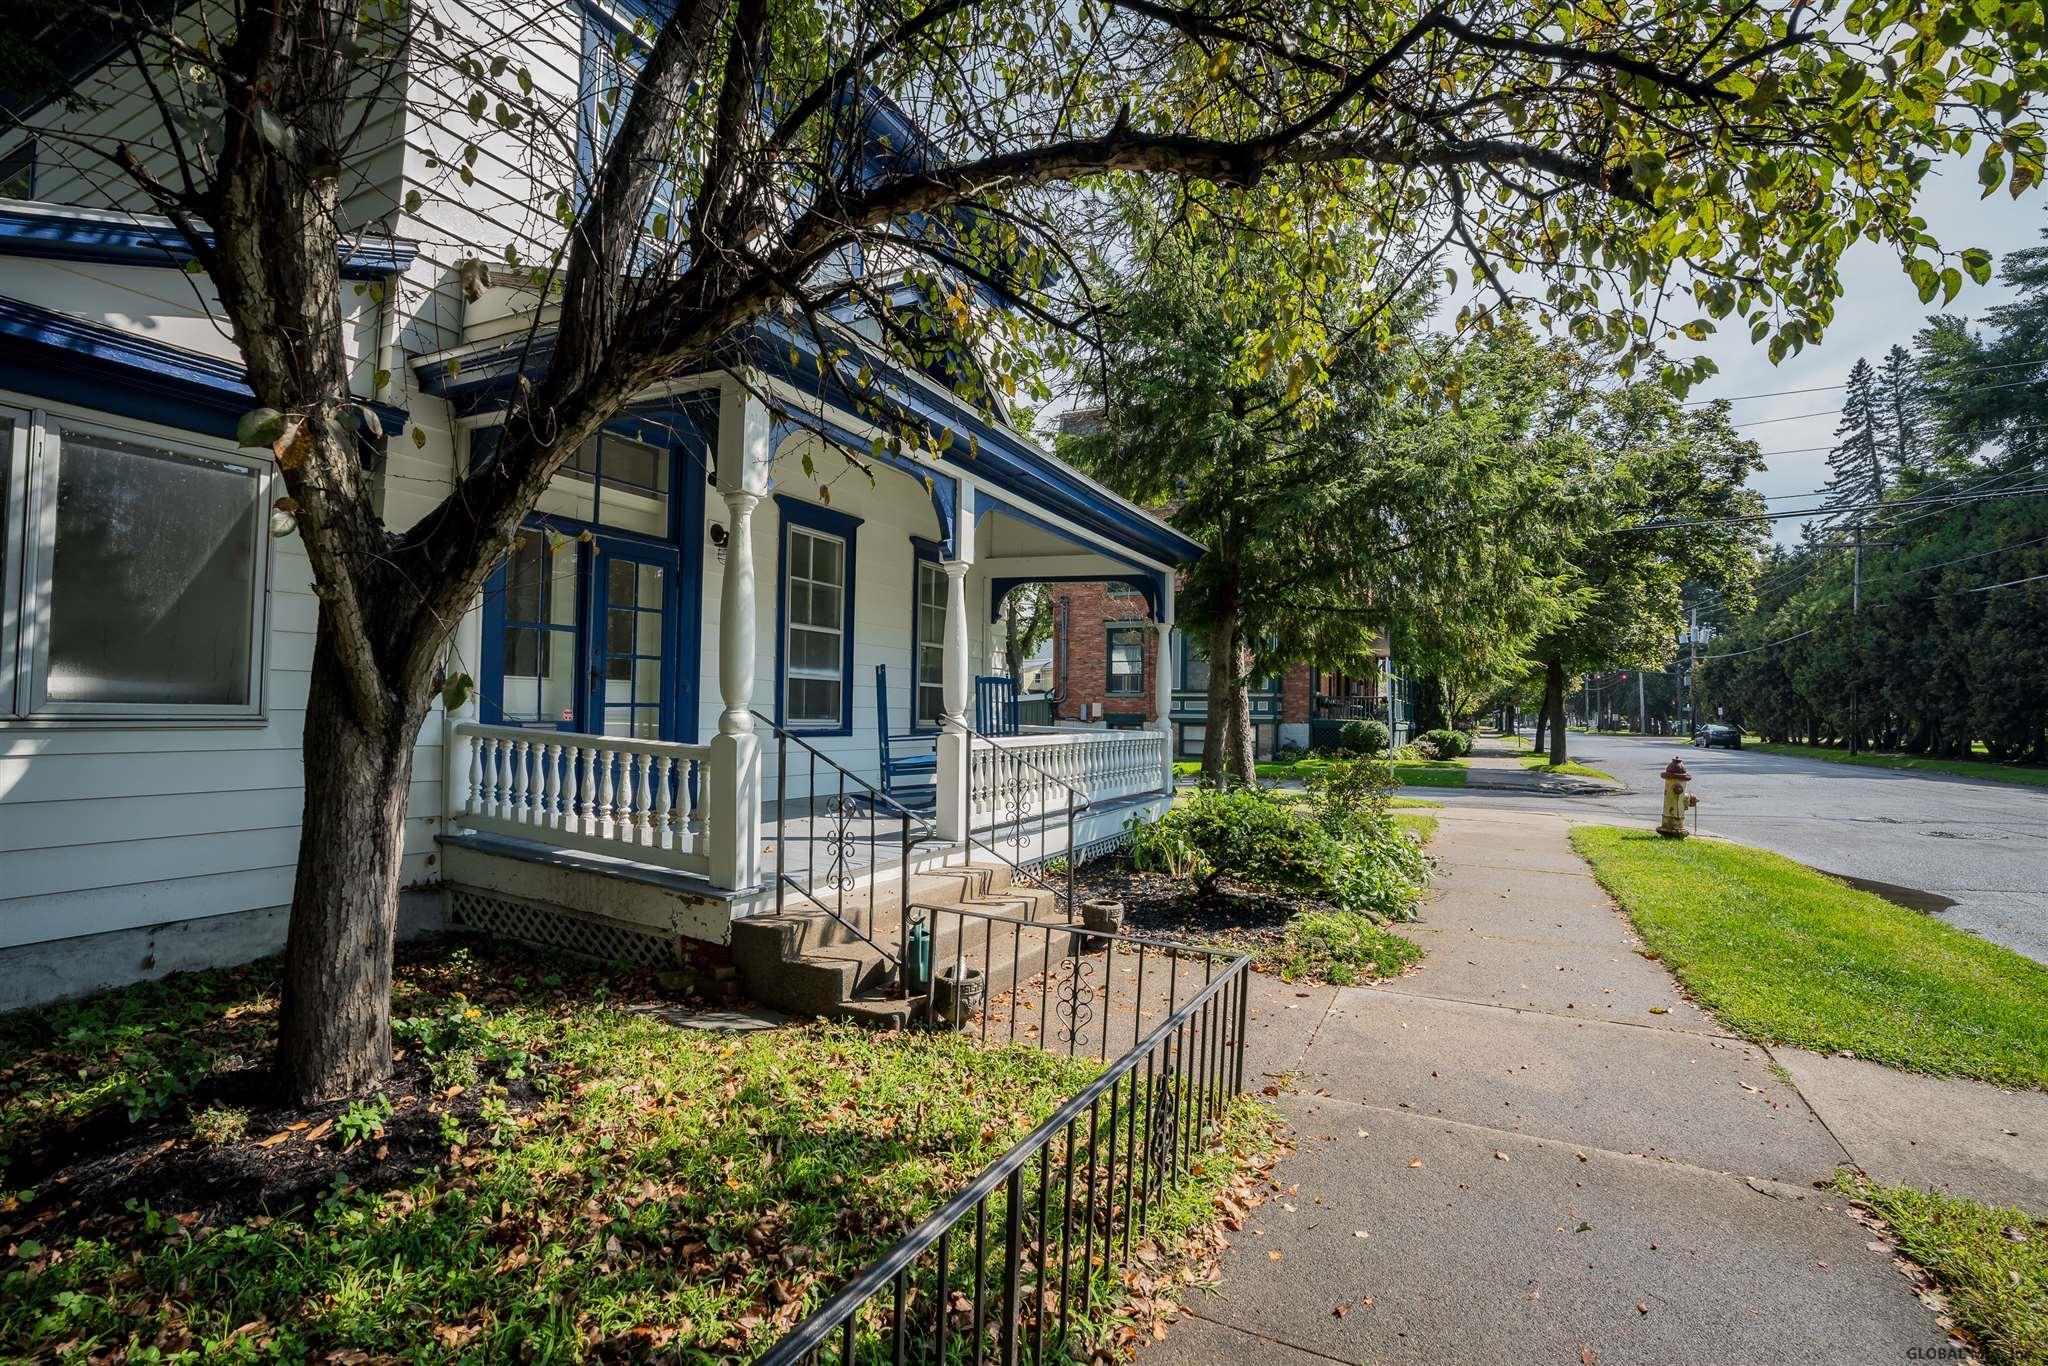 Saratoga S image 48